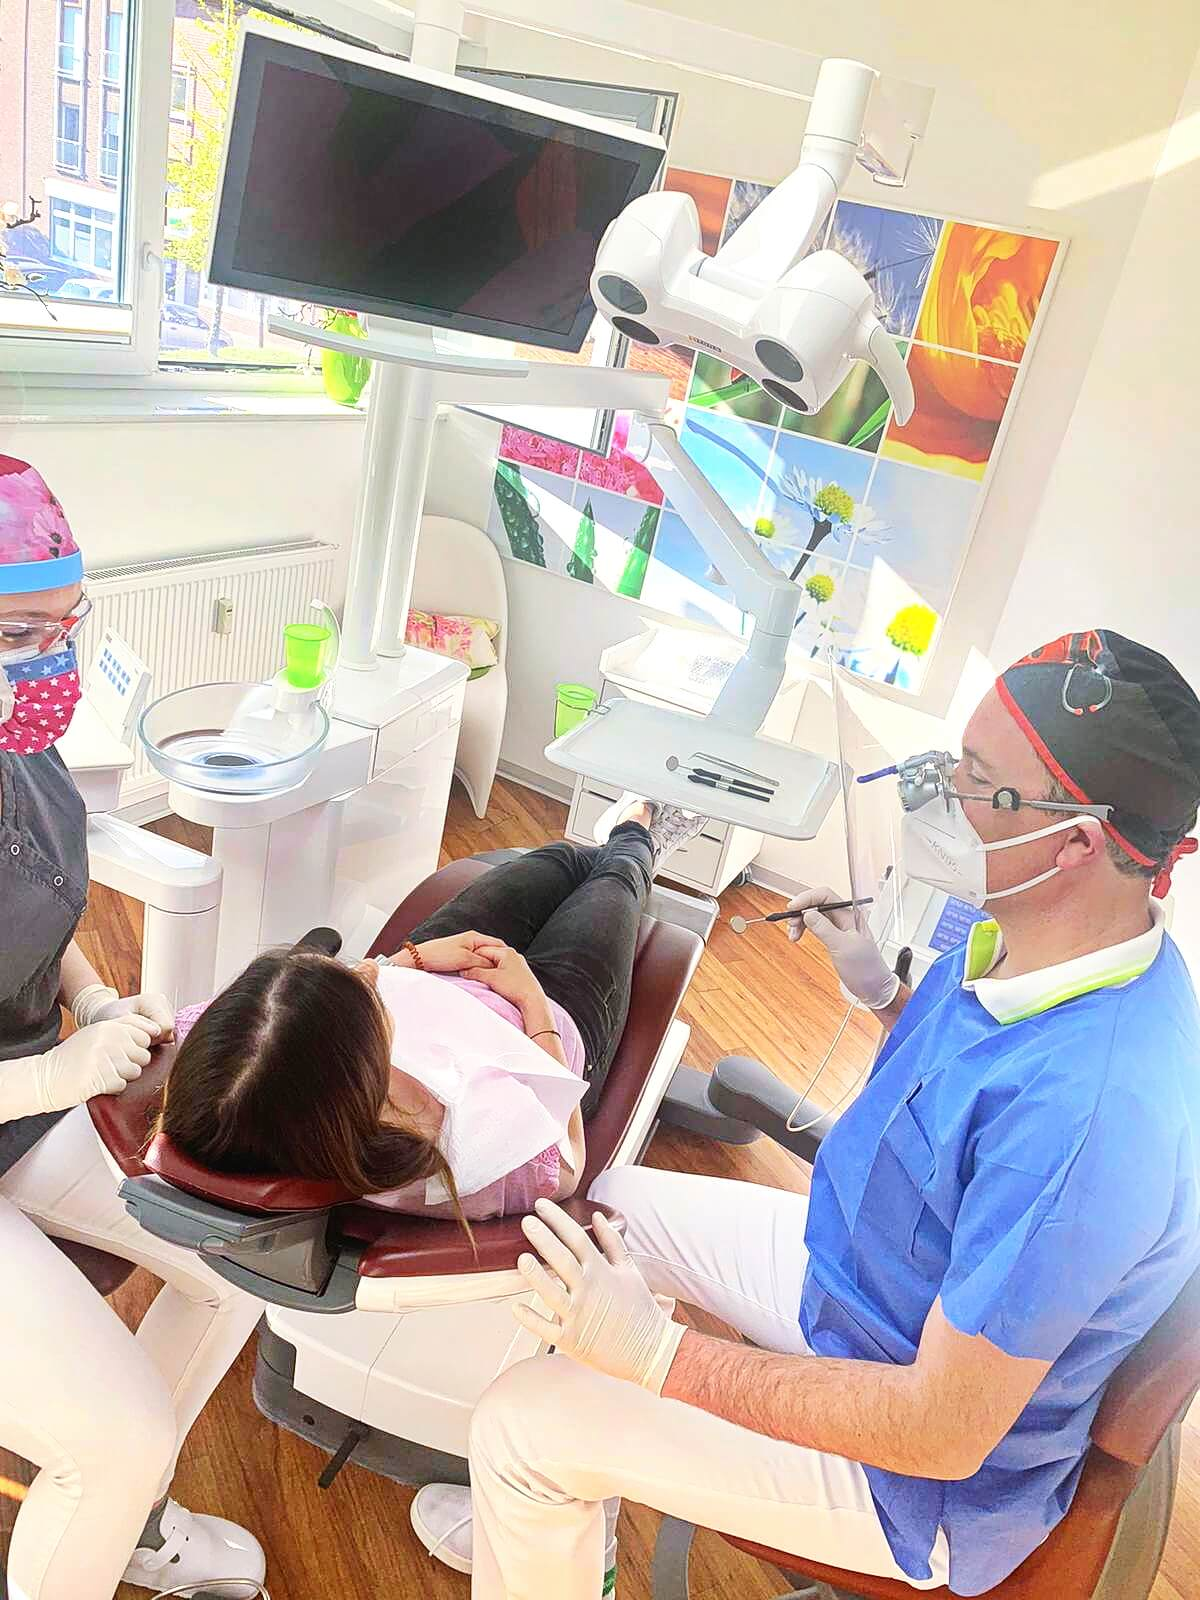 Als Teil der medizinischen Grundversorgung in Ennigerloh und im Kreis Warendorf trägt unter anderem das Zahnzentrum mit seinen beiden Praxen in Ennigerloh und Westkirchen dazu bei, dass Patienten auch in diesen unsicheren Zeiten die notwendige gesundheitliche Aufmerksamkeit erhalten